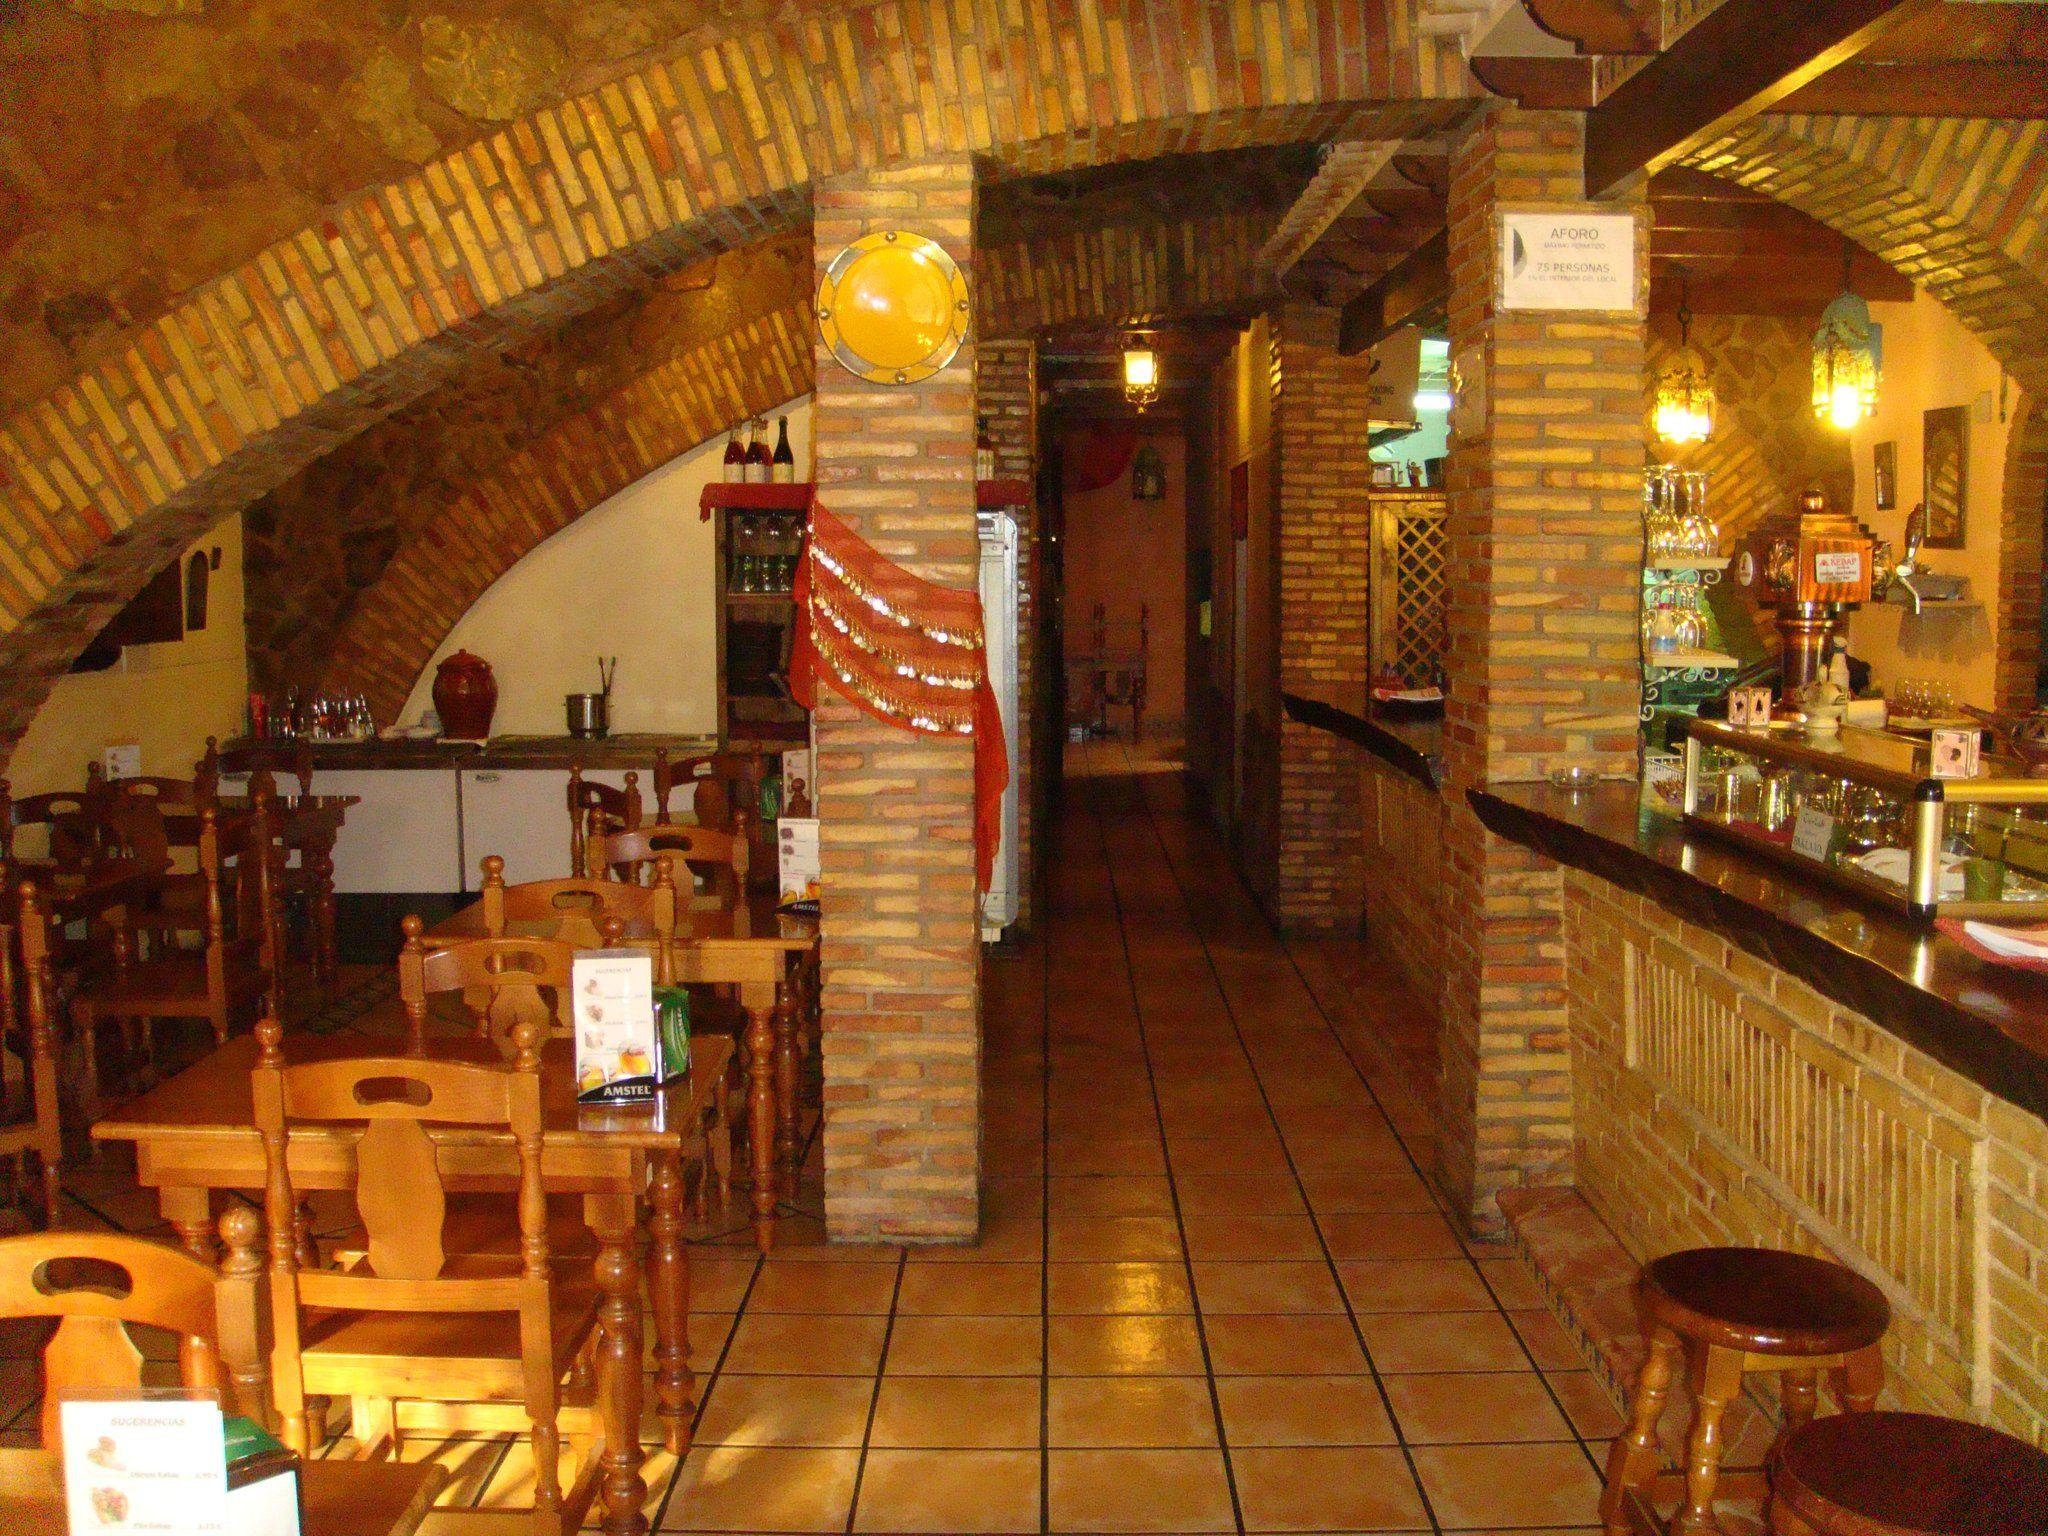 Restaurante turco en Novelda, Alicante